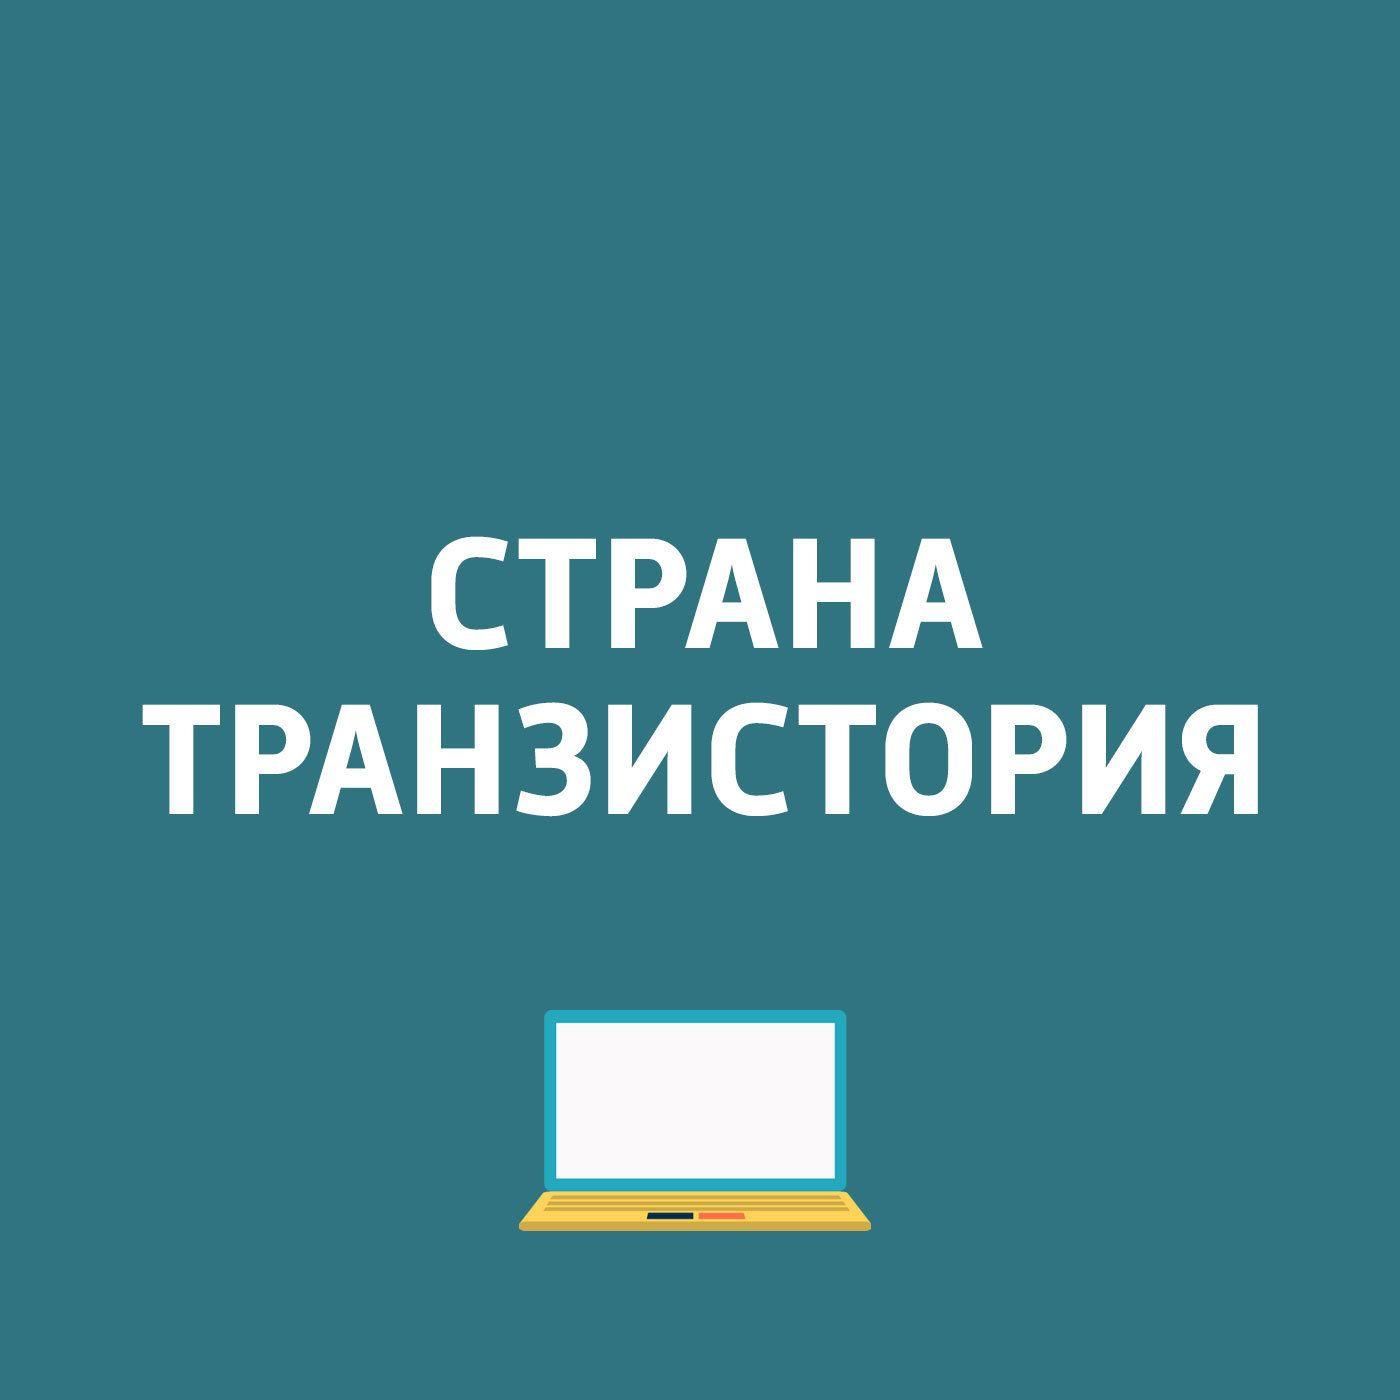 Картаев Павел Компания Viber объявила о крупном обновлении